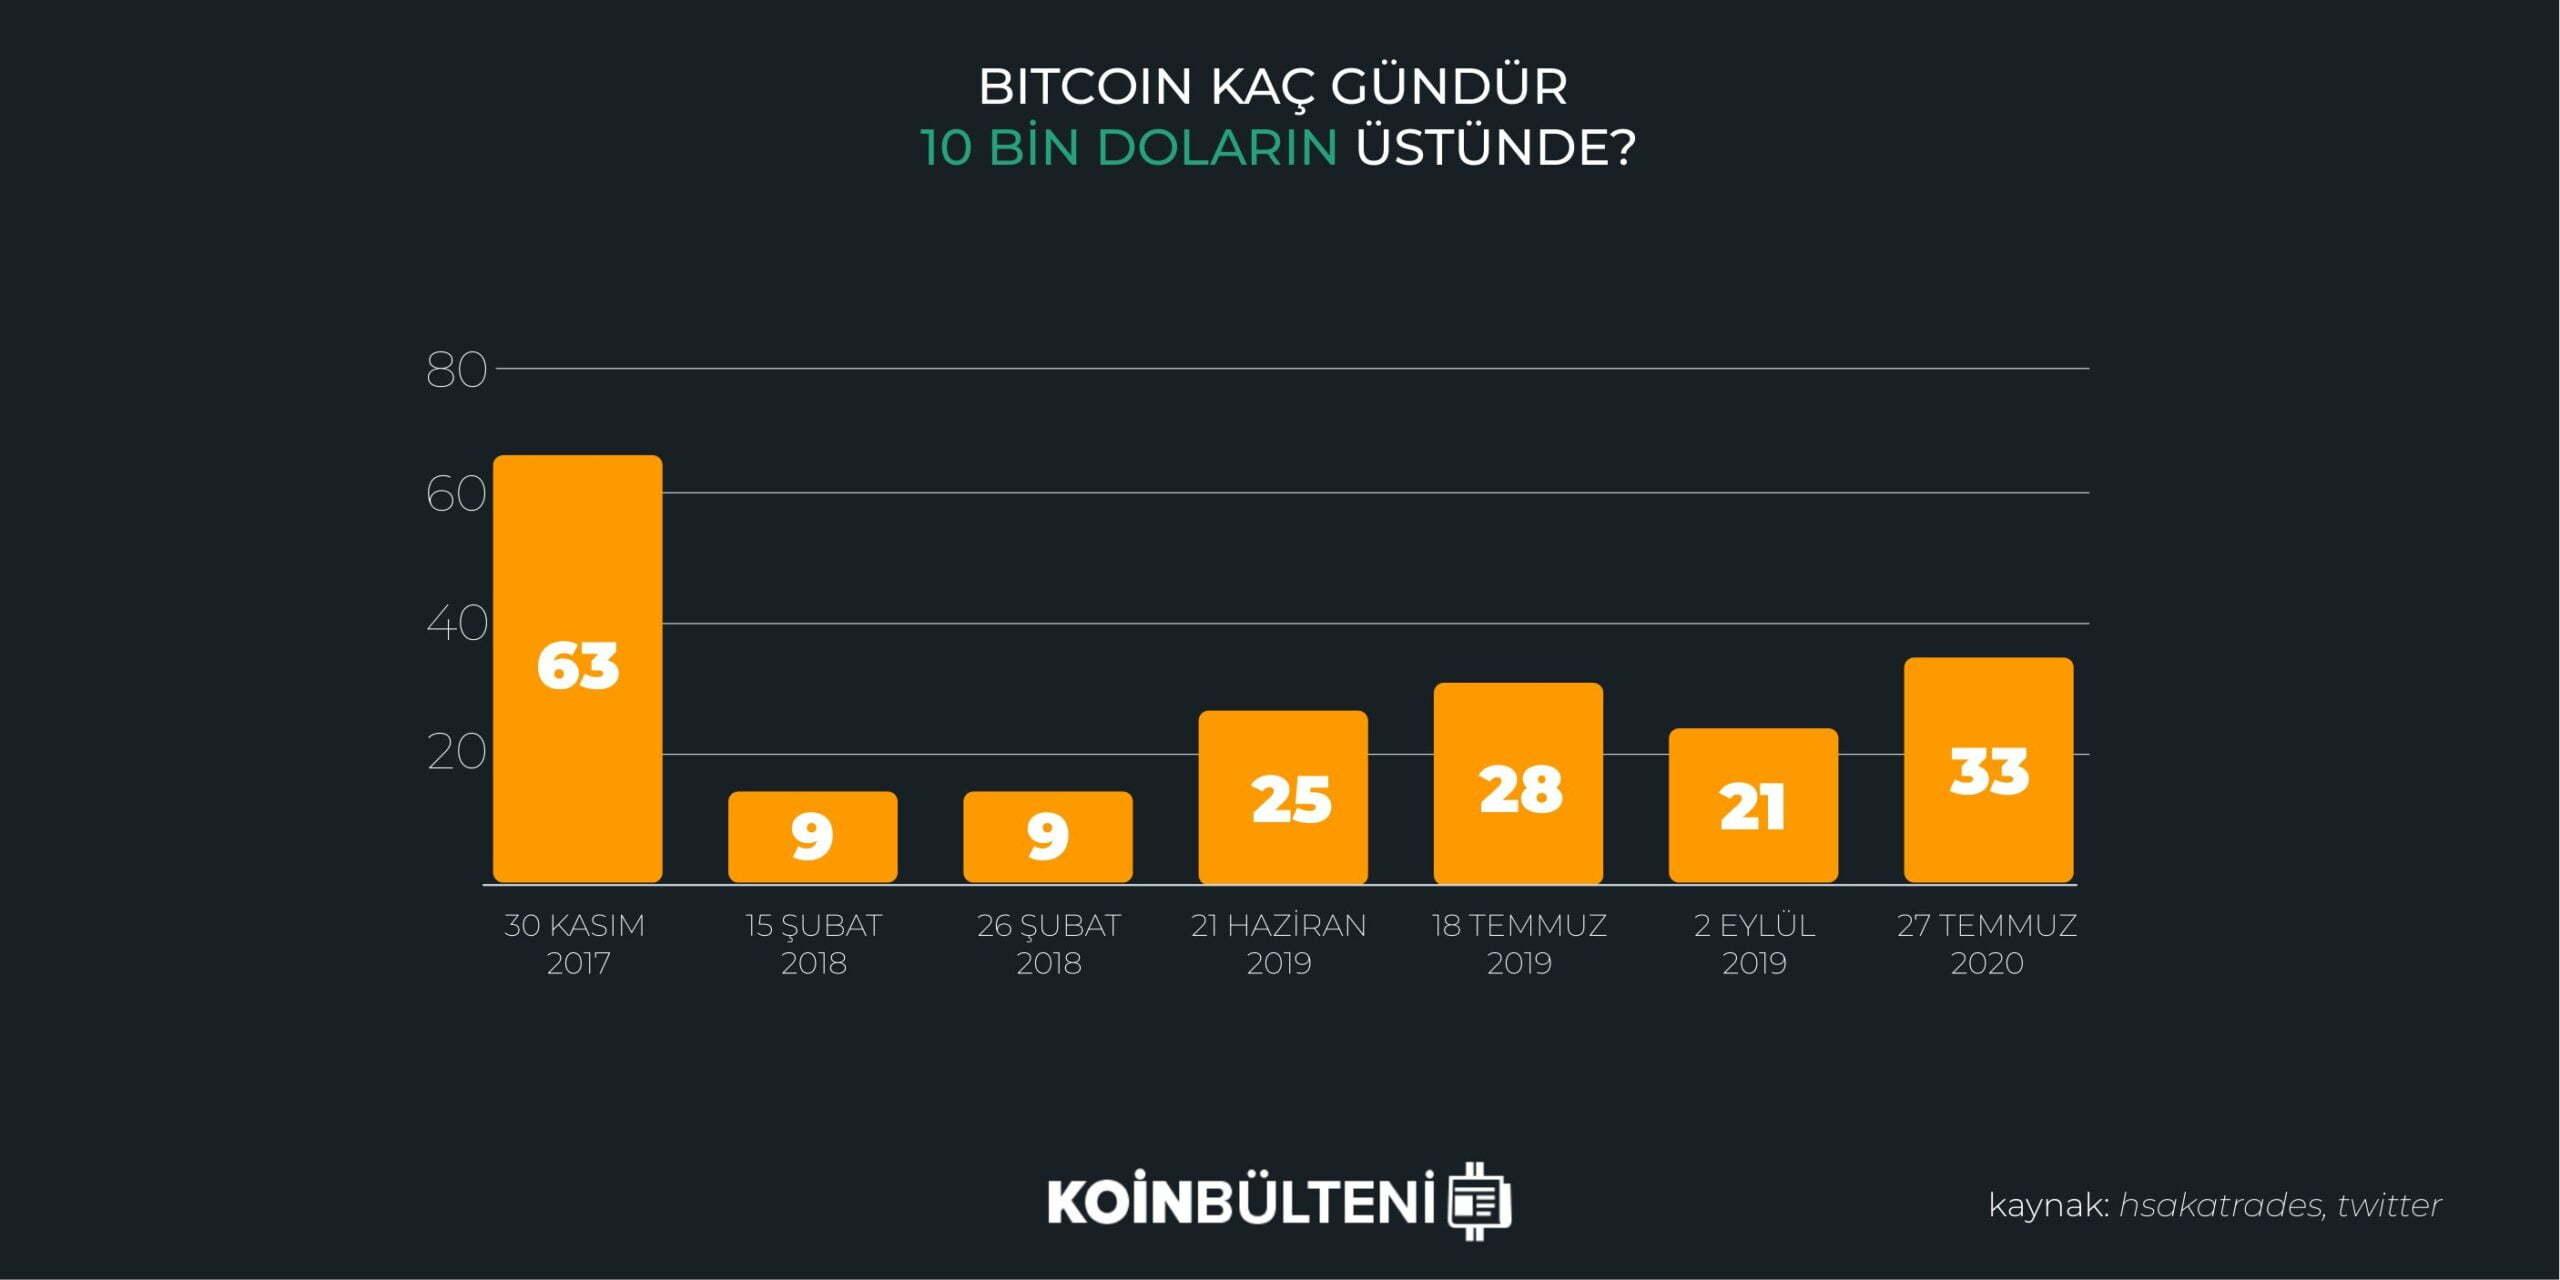 bitcoin-fiyat-kac-gundur